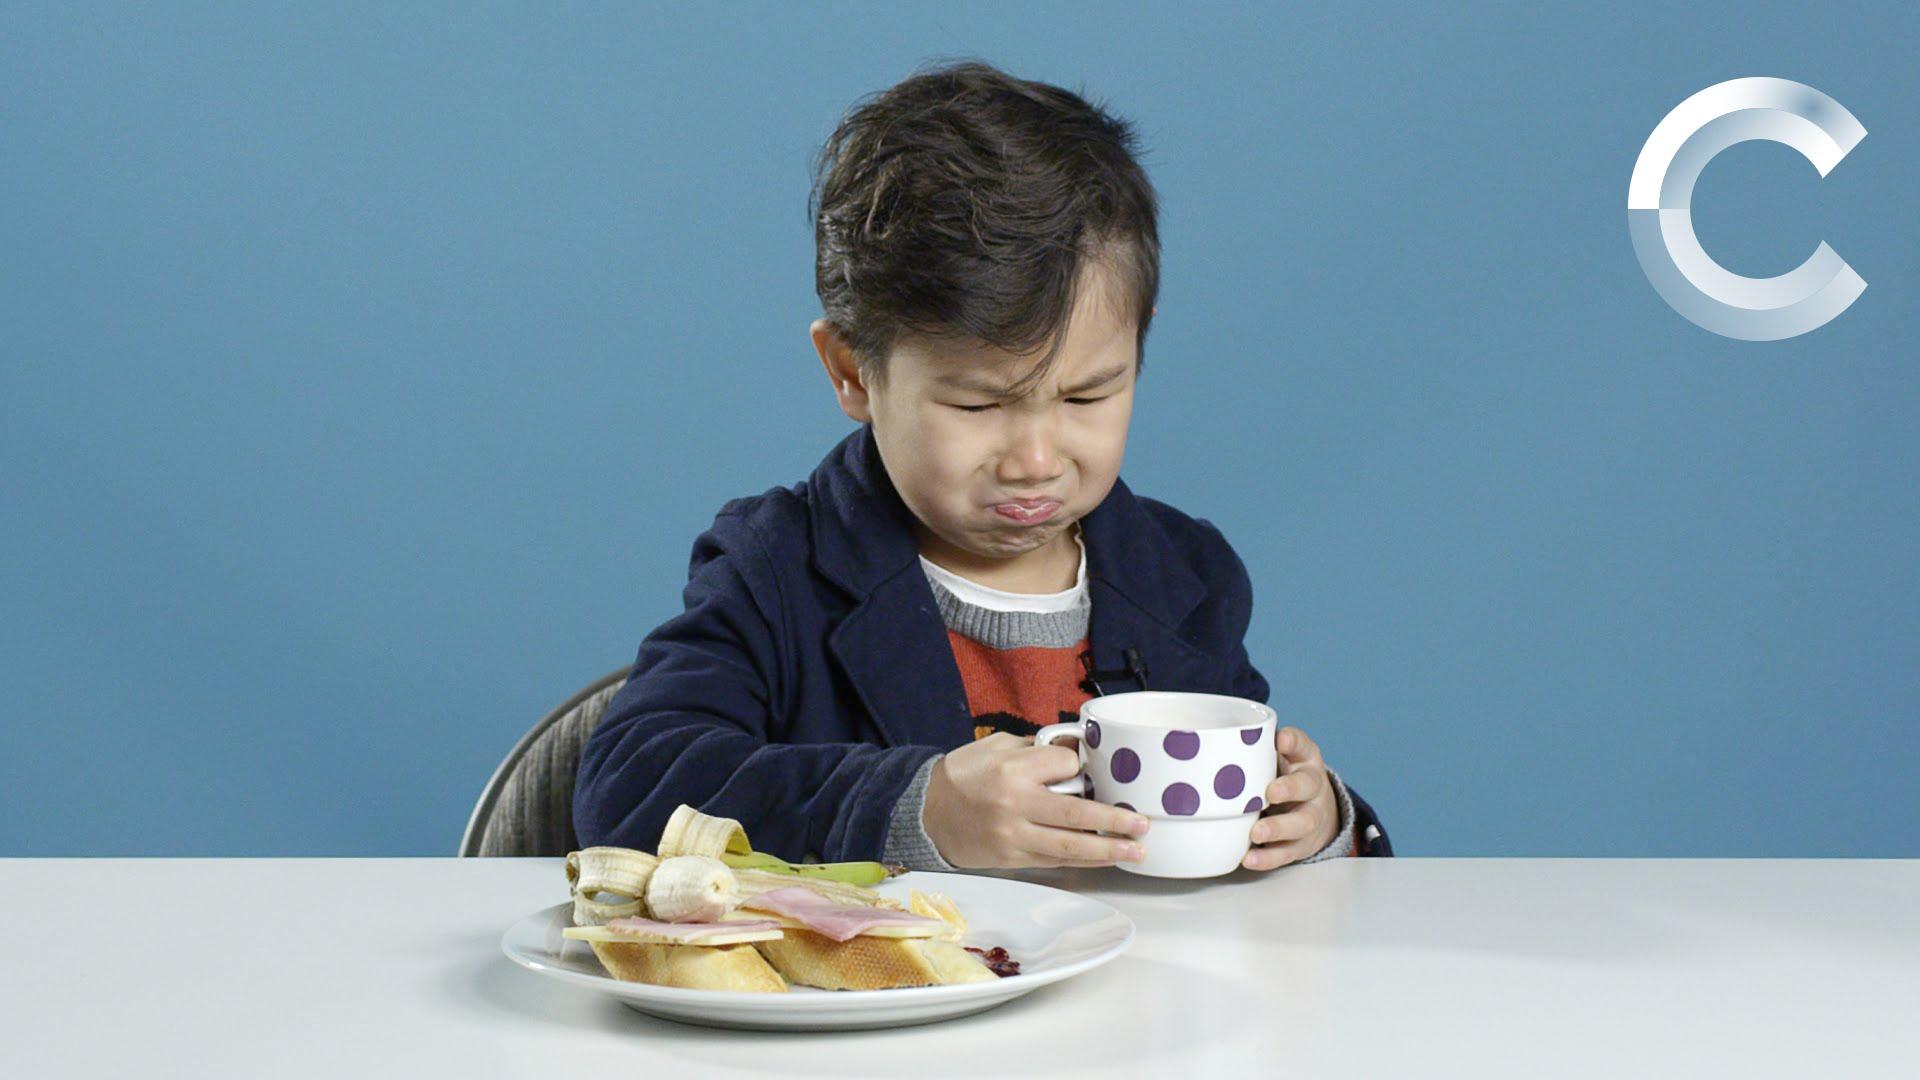 死んだ魚が浮いてる…アメリカの子供が世界中の朝食を食べてみた